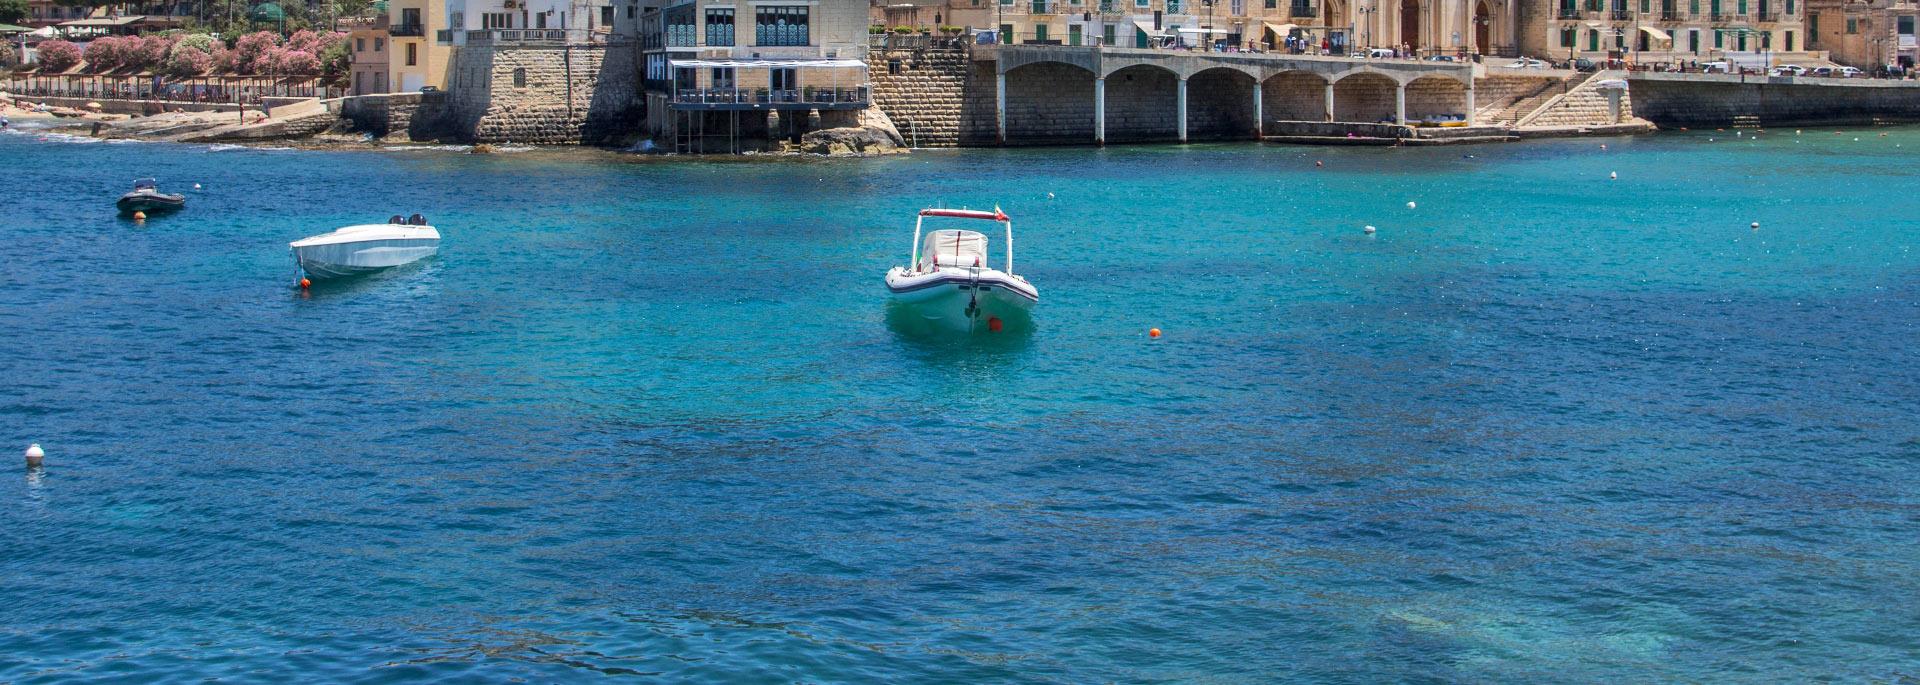 Warum ich Maltas blaue Grotte nicht sah